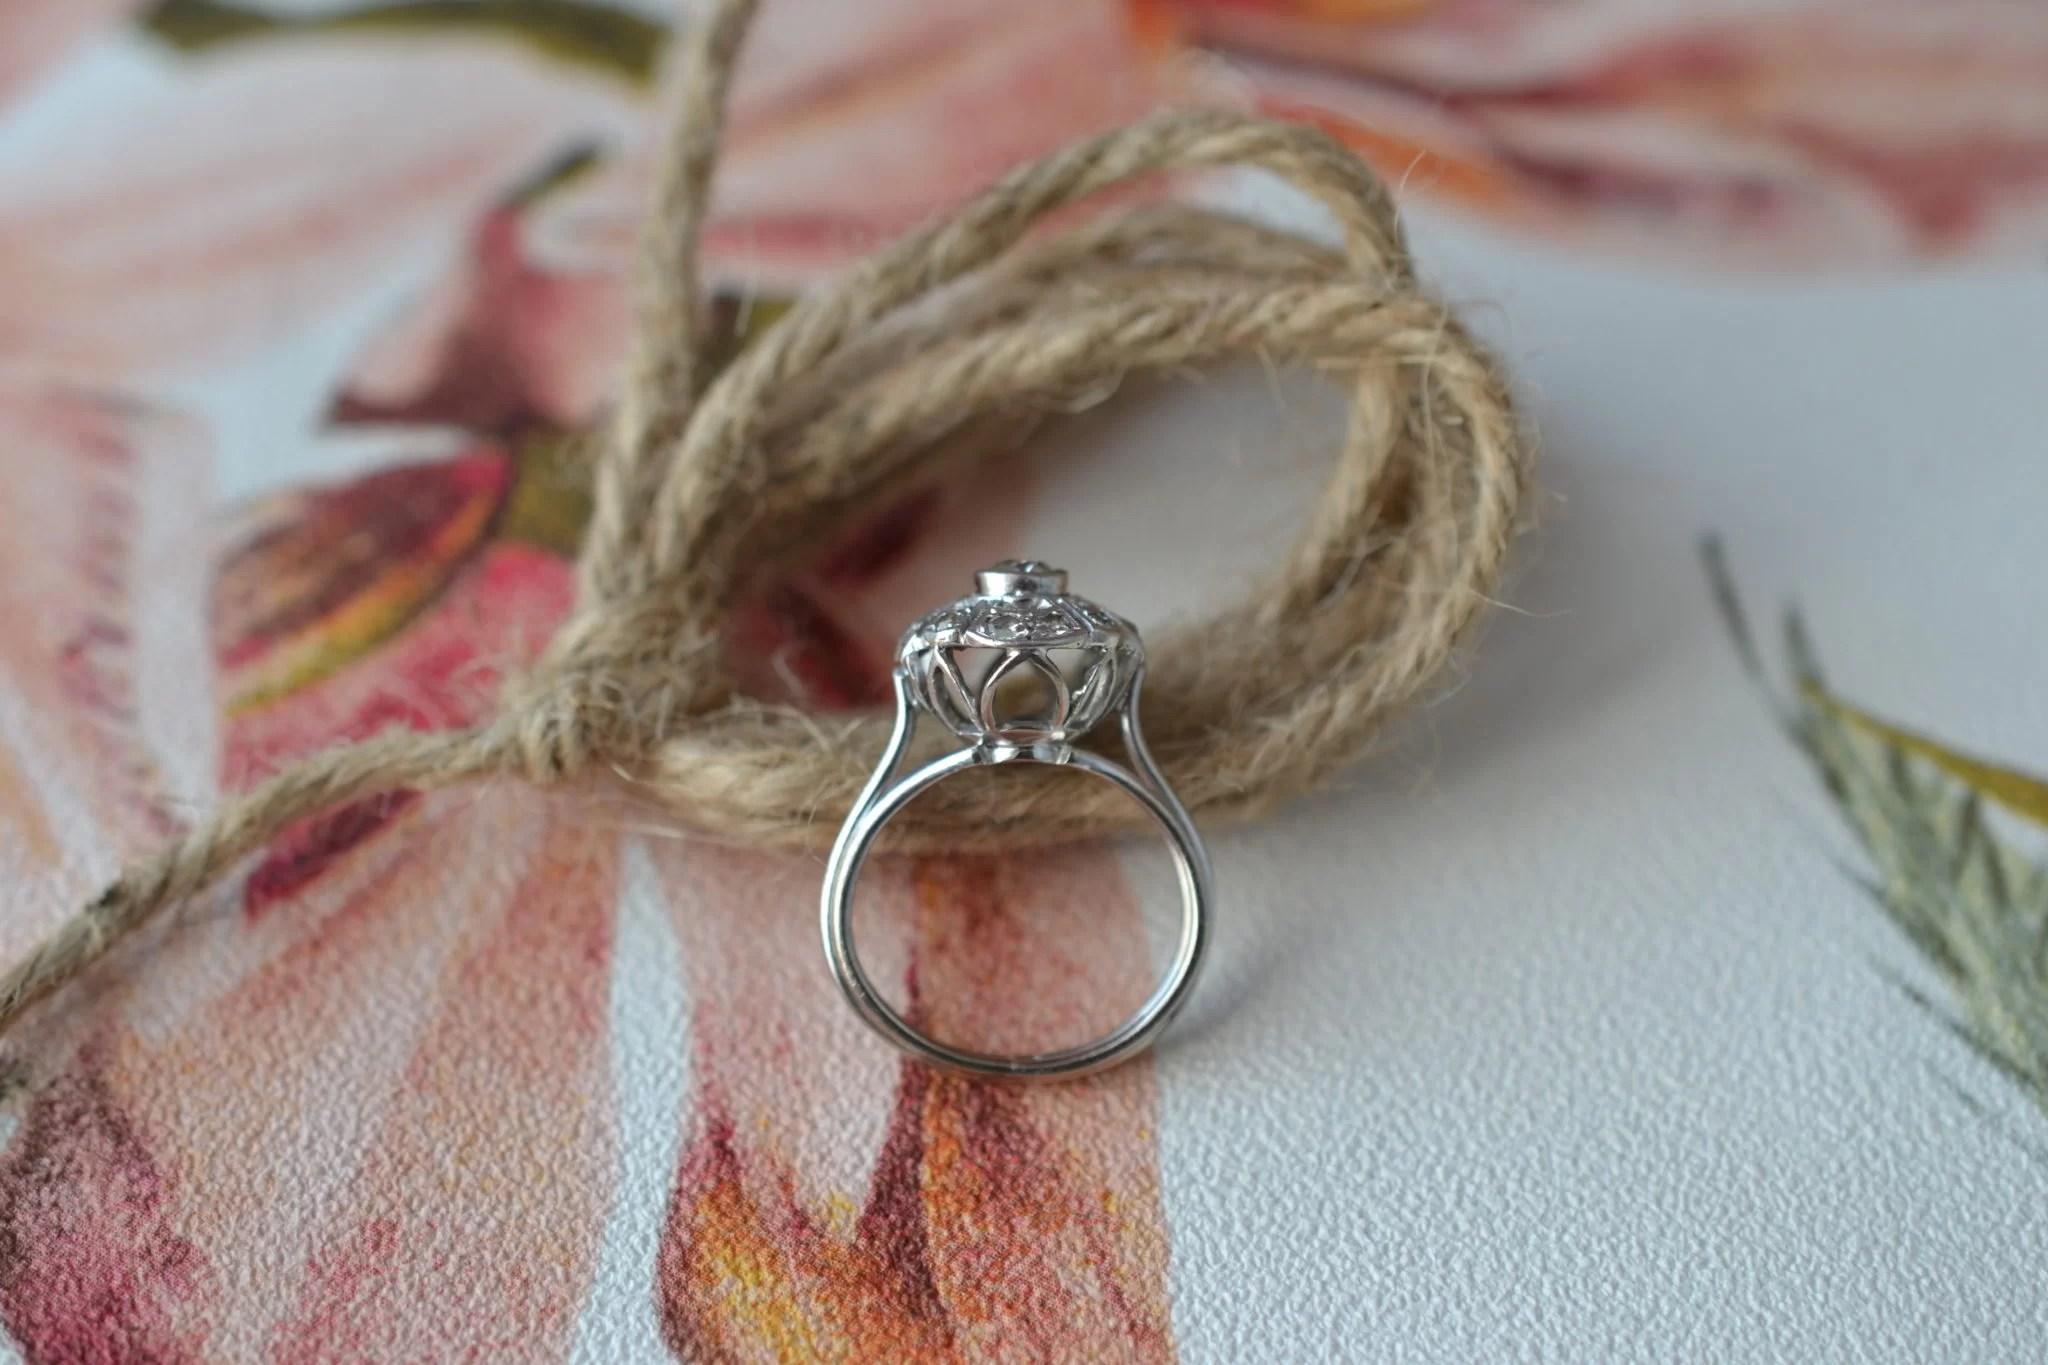 Bague solitaire en Or blanc sertie d_un diamant dans un entourage de brillants - bague rétro